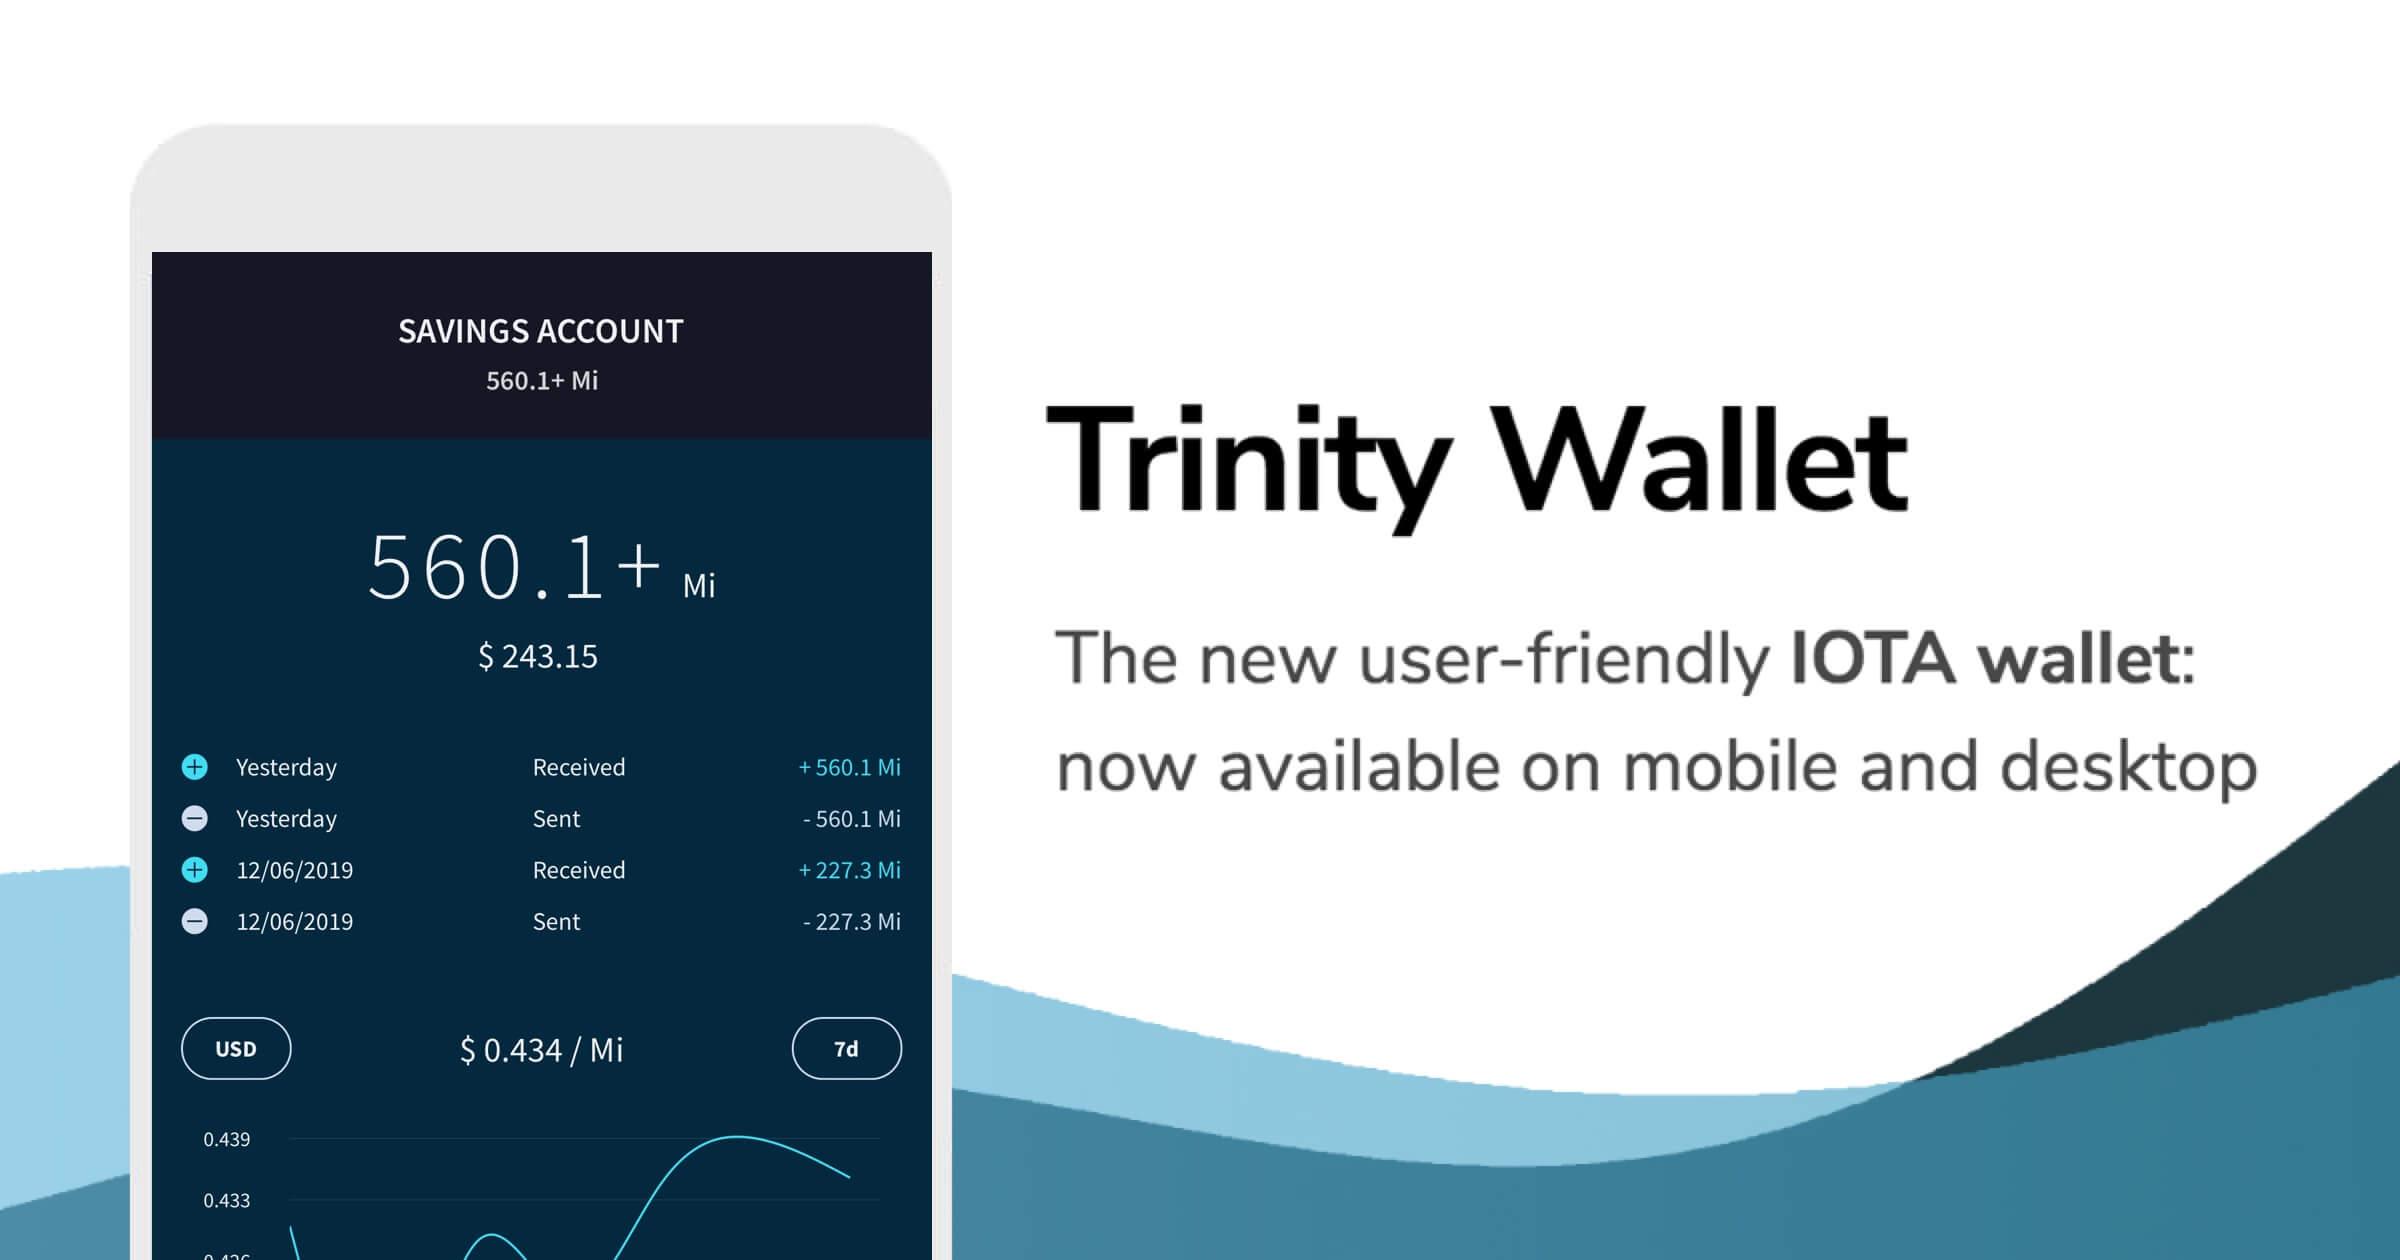 Trinity Wallet - IOTA